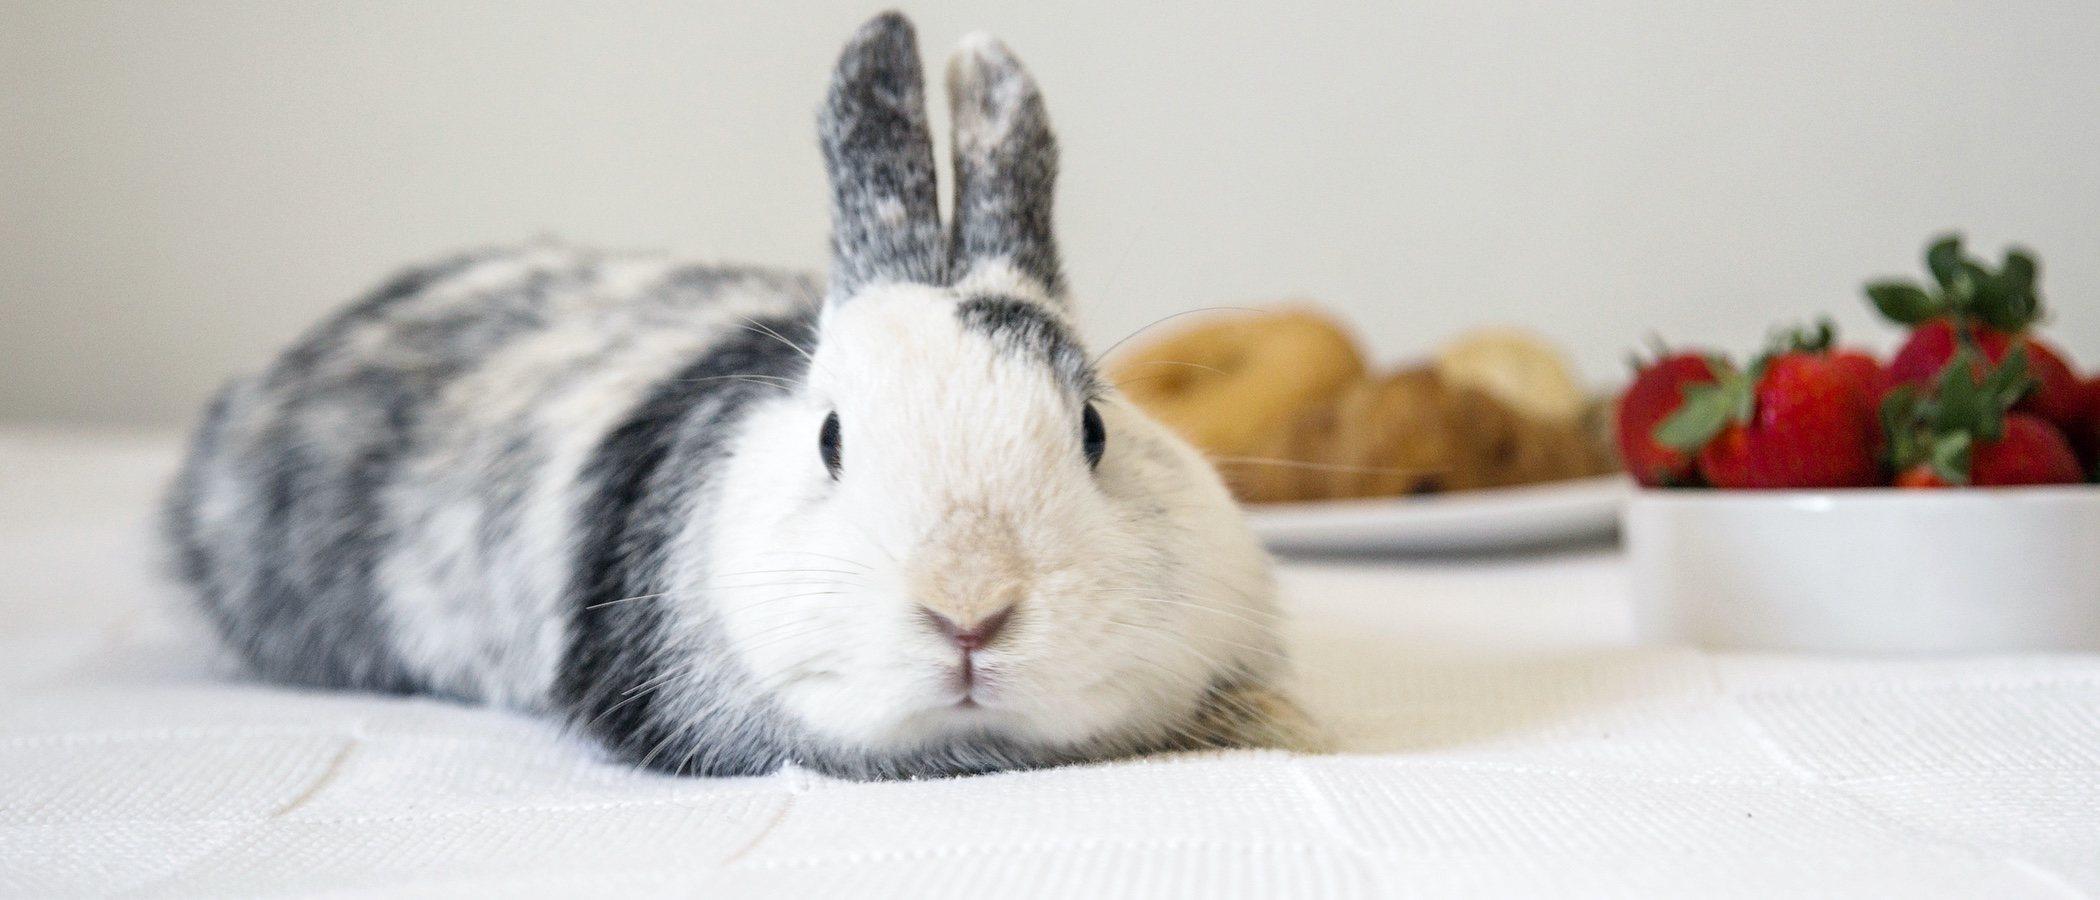 ¿Qué verduras y frutas pueden comer los conejos?